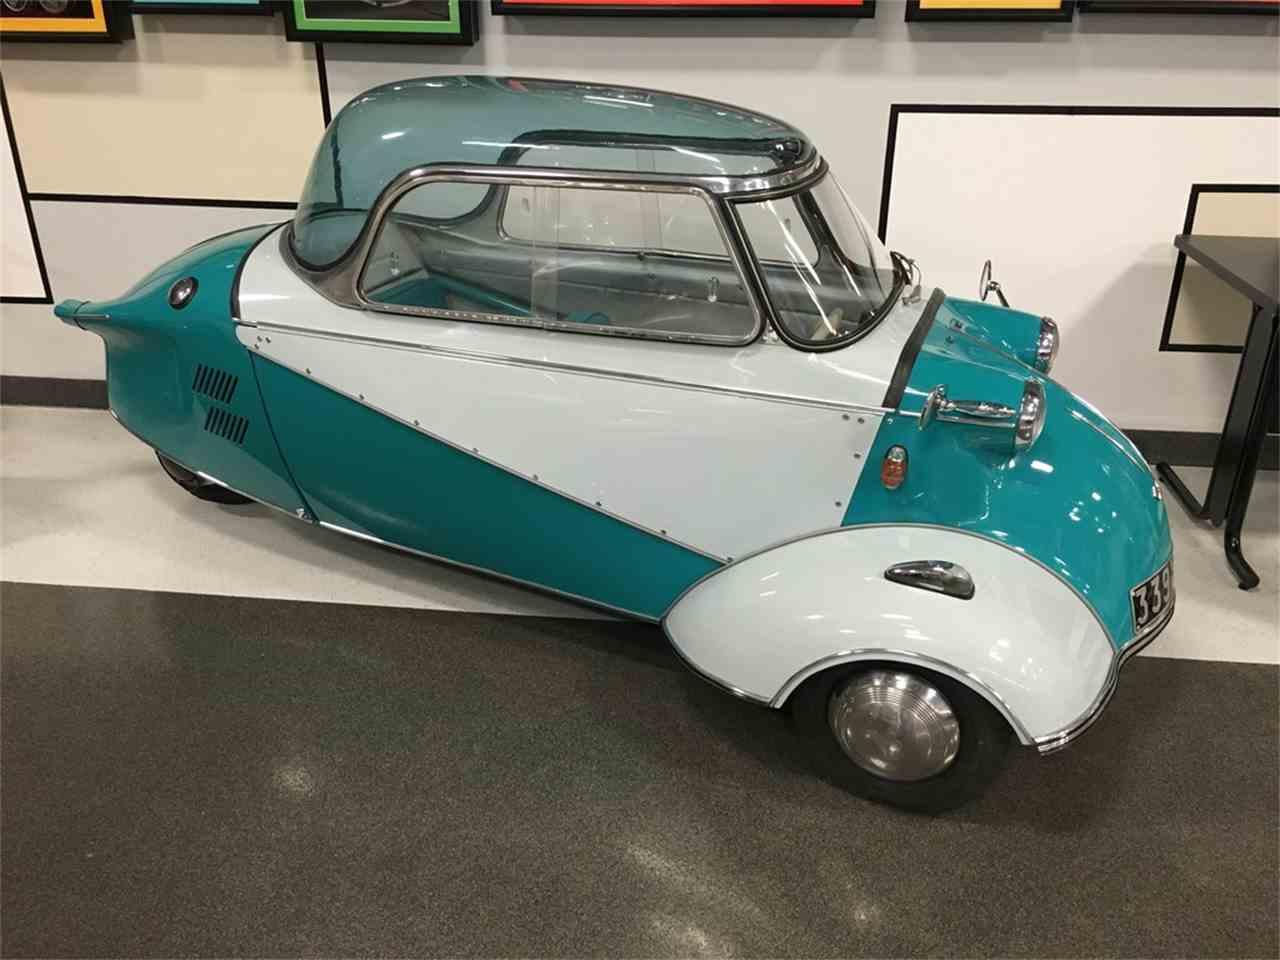 Sold Messerschmitt Kr200 3 Wheeler Microcar Auctions: 1963 Messerschmitt KR 200 For Sale